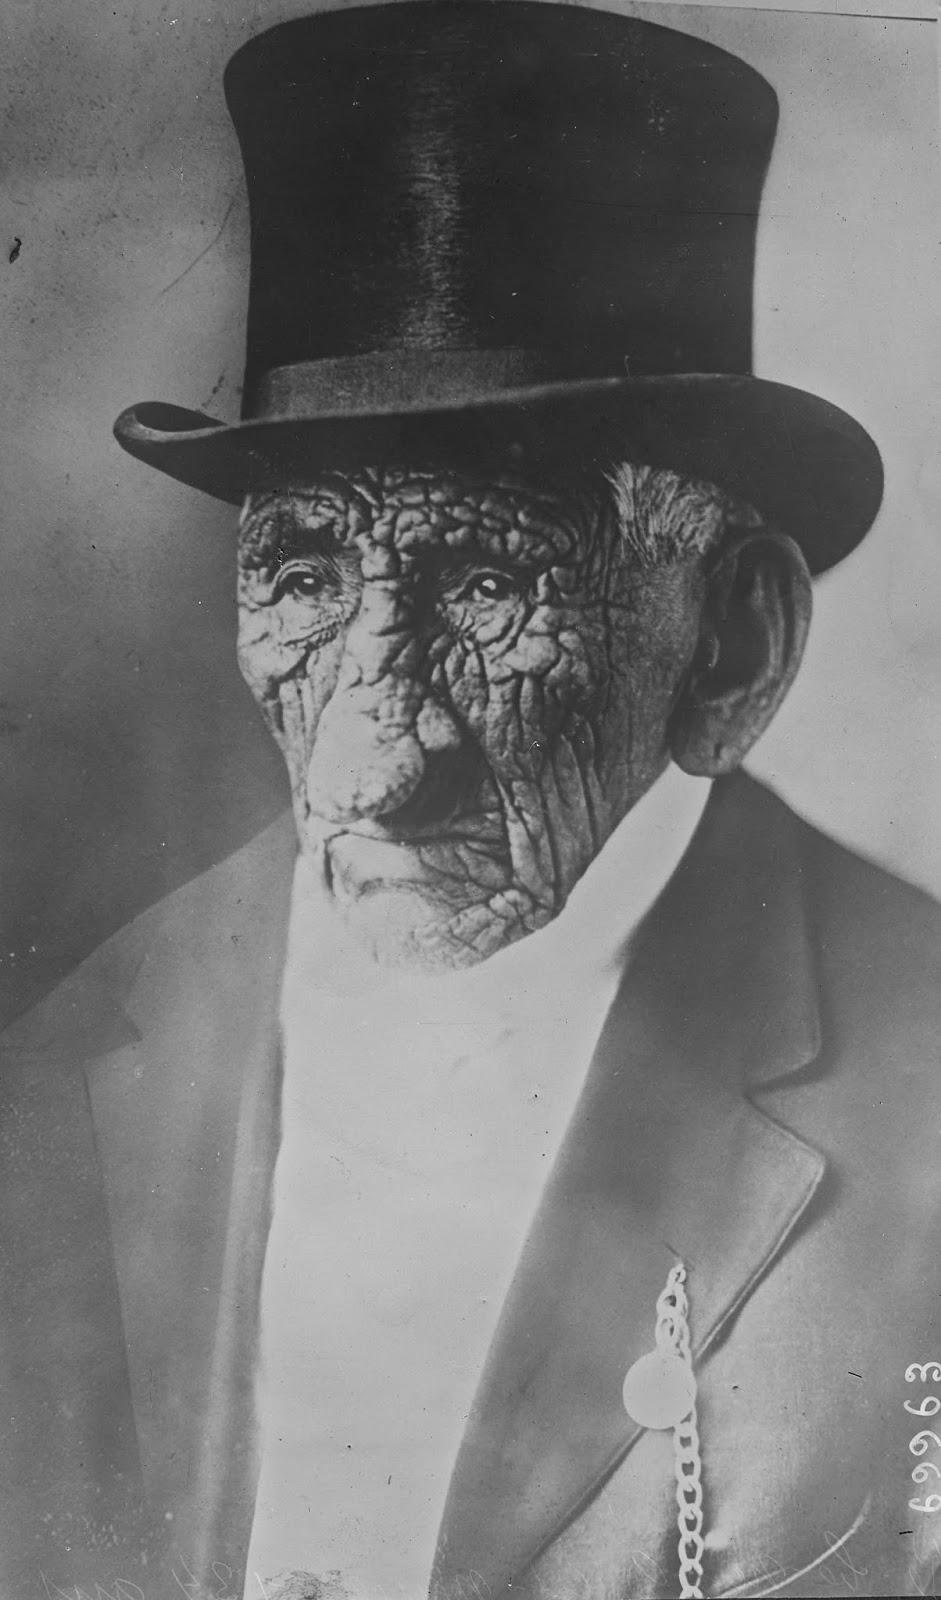 chief john smith 1 - Possivelmente estes senhores foram - A pessoa mais velha do mundo